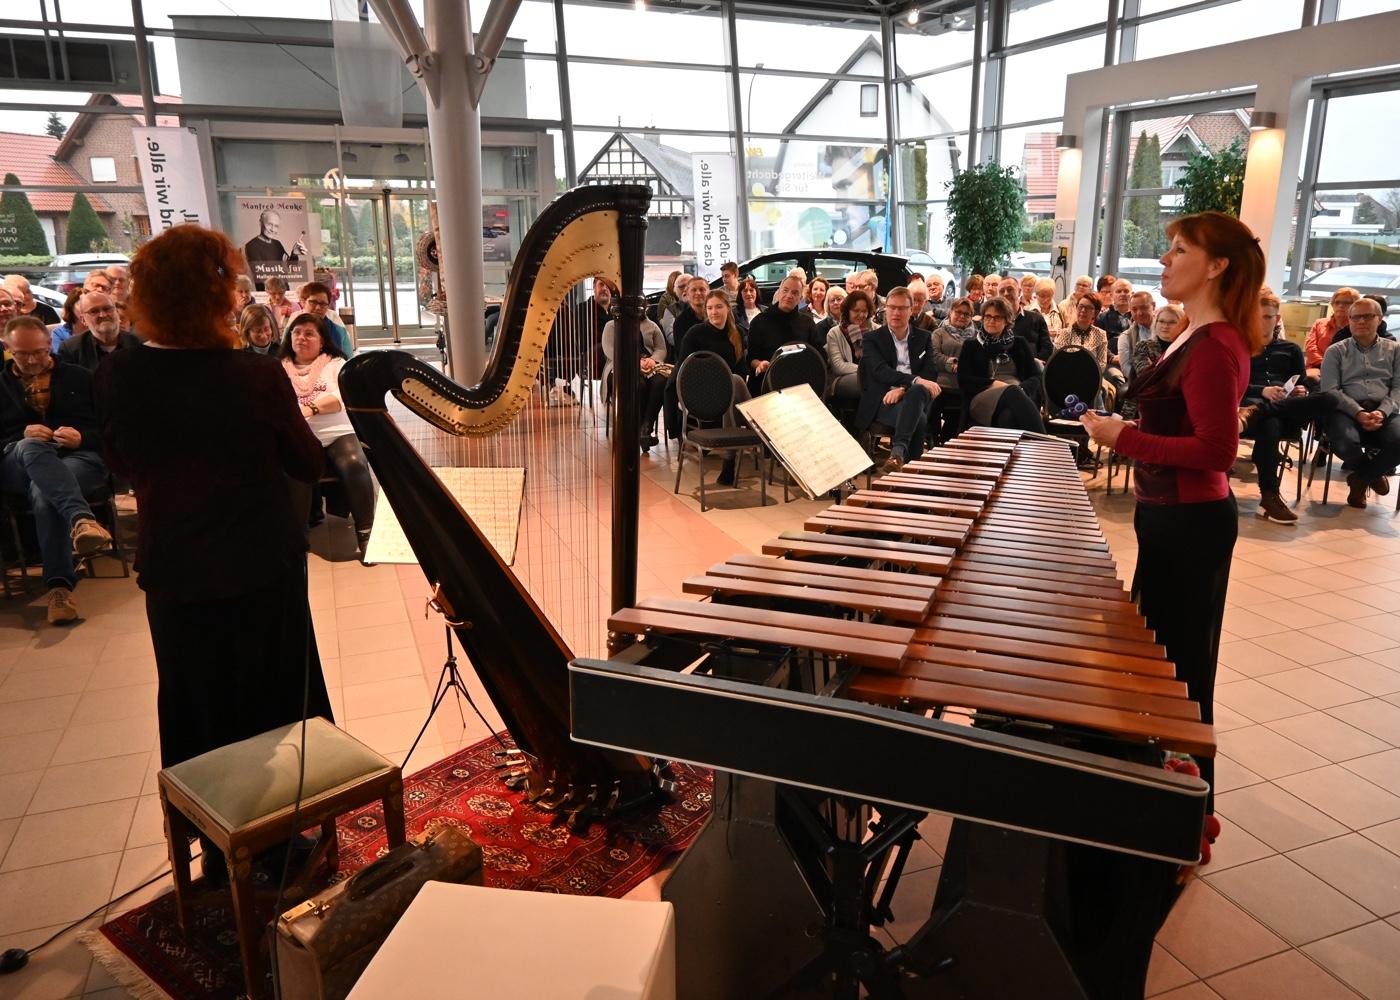 Detailreiche Moderation zu Musik und Instrumenten